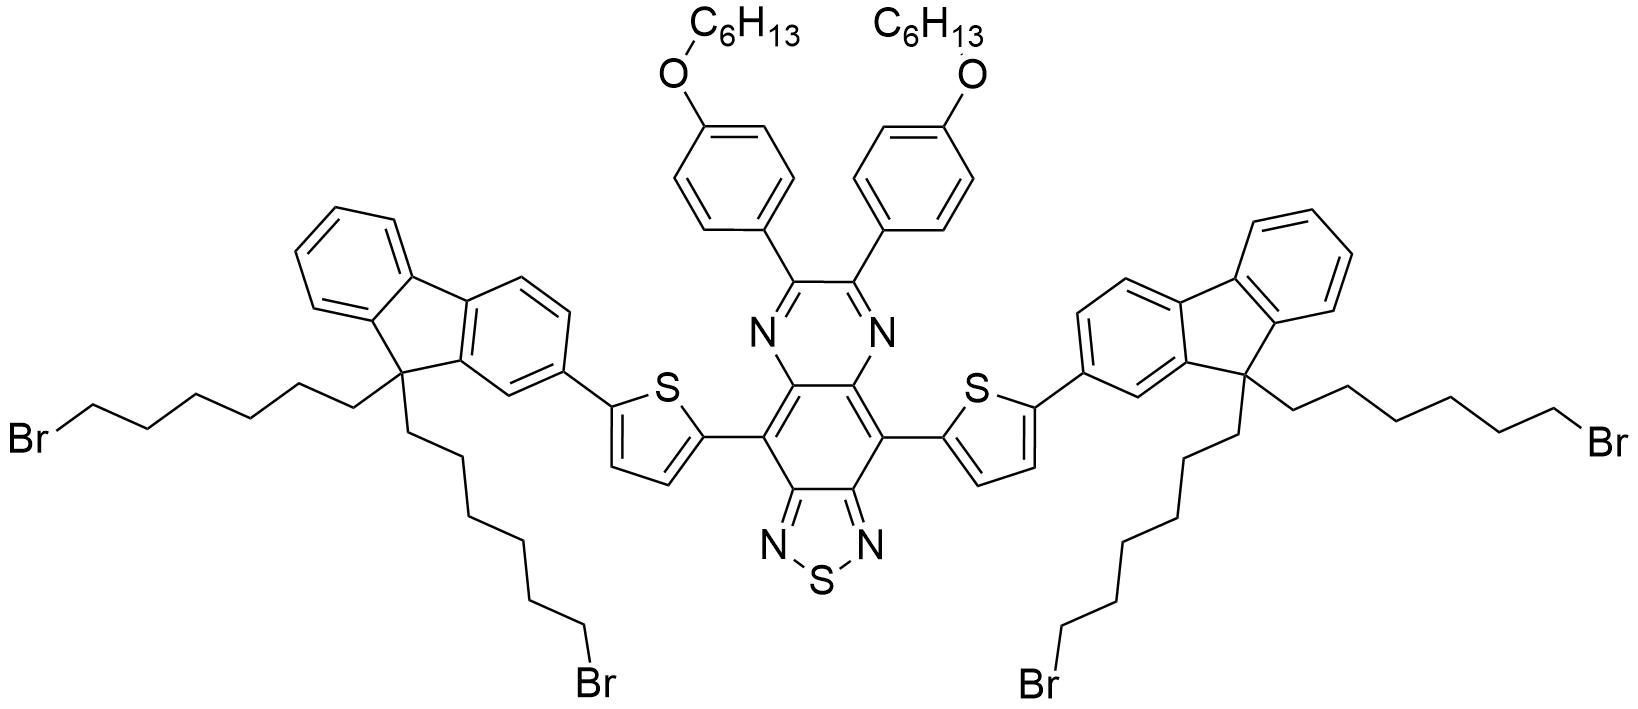 4,9-双(5-(9,9-双(6-溴己基)-9H-芴-2-基)噻吩基)-6,7-双(4-己氧基)苯基)-[1,2,5]噻二唑[3,4-g]喹喔啉